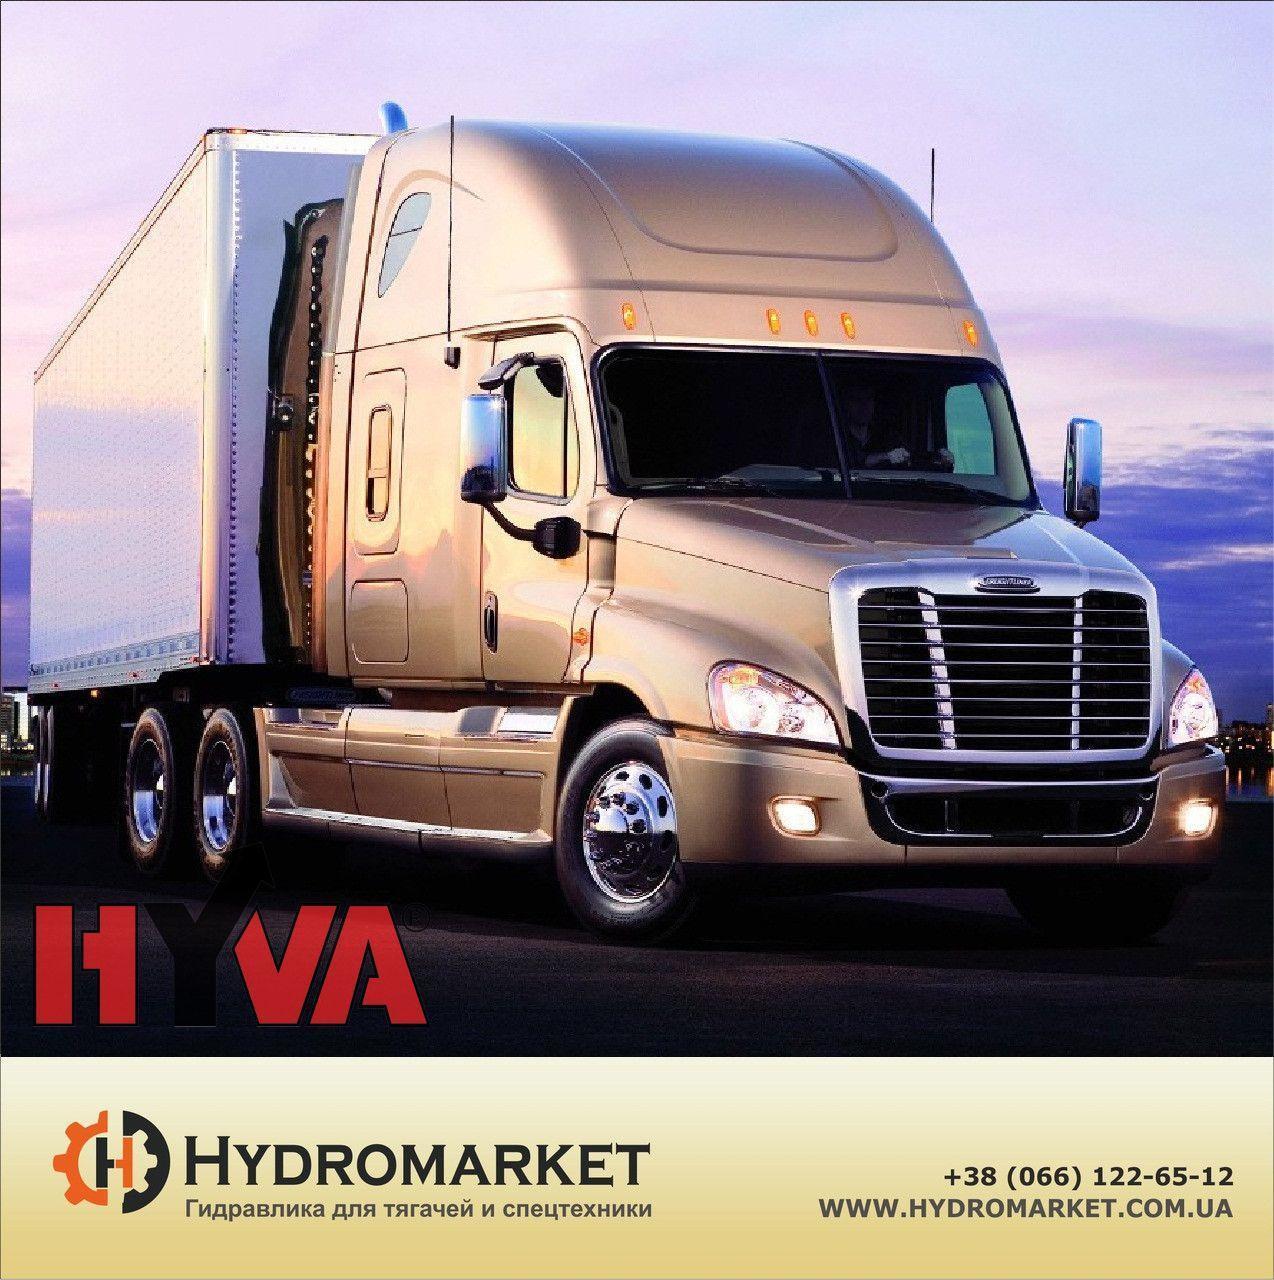 Гидравлика  Hyva на авто - Гидролидер Гидравлика - Установка гидравлического оборудования, комплекты гидравлики в Киеве